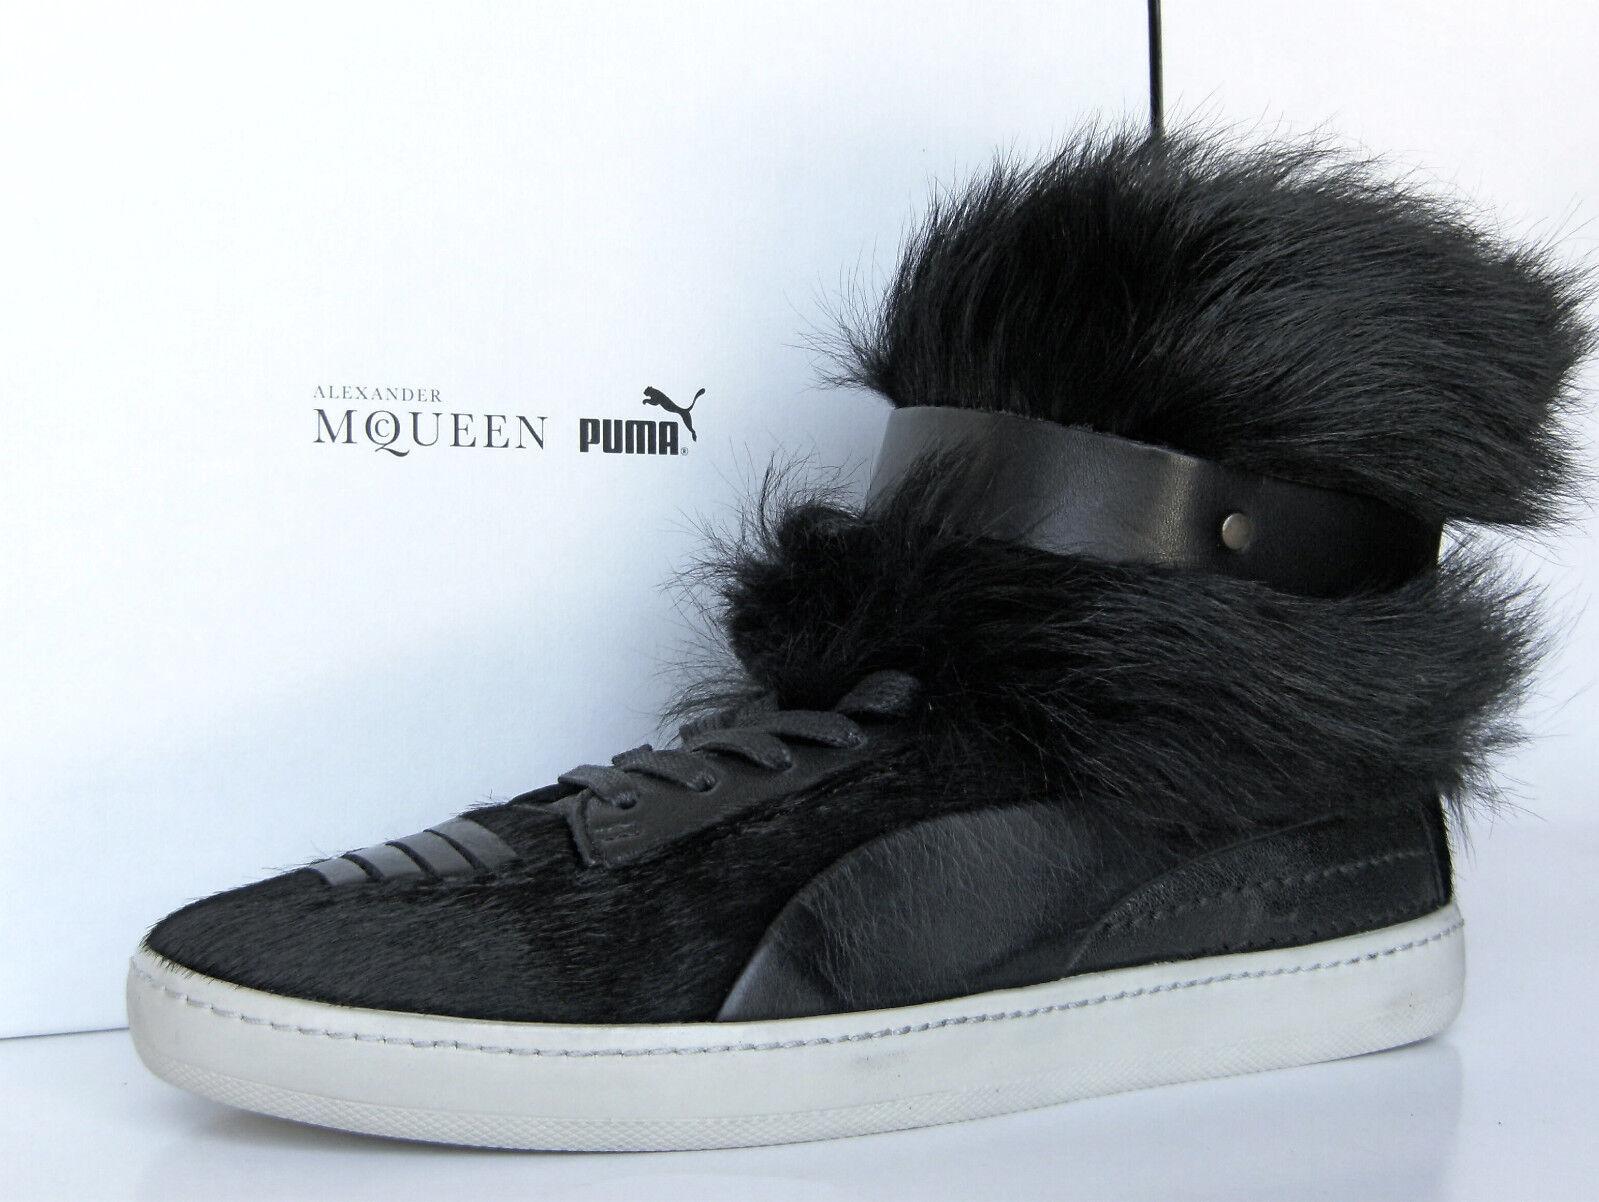 Puma Alexander McQueen McQueen McQueen Joustesse Hi Tenis botas Zapato de piel desgaste 2 maneras de mujer 10.5  Todo en alta calidad y bajo precio.